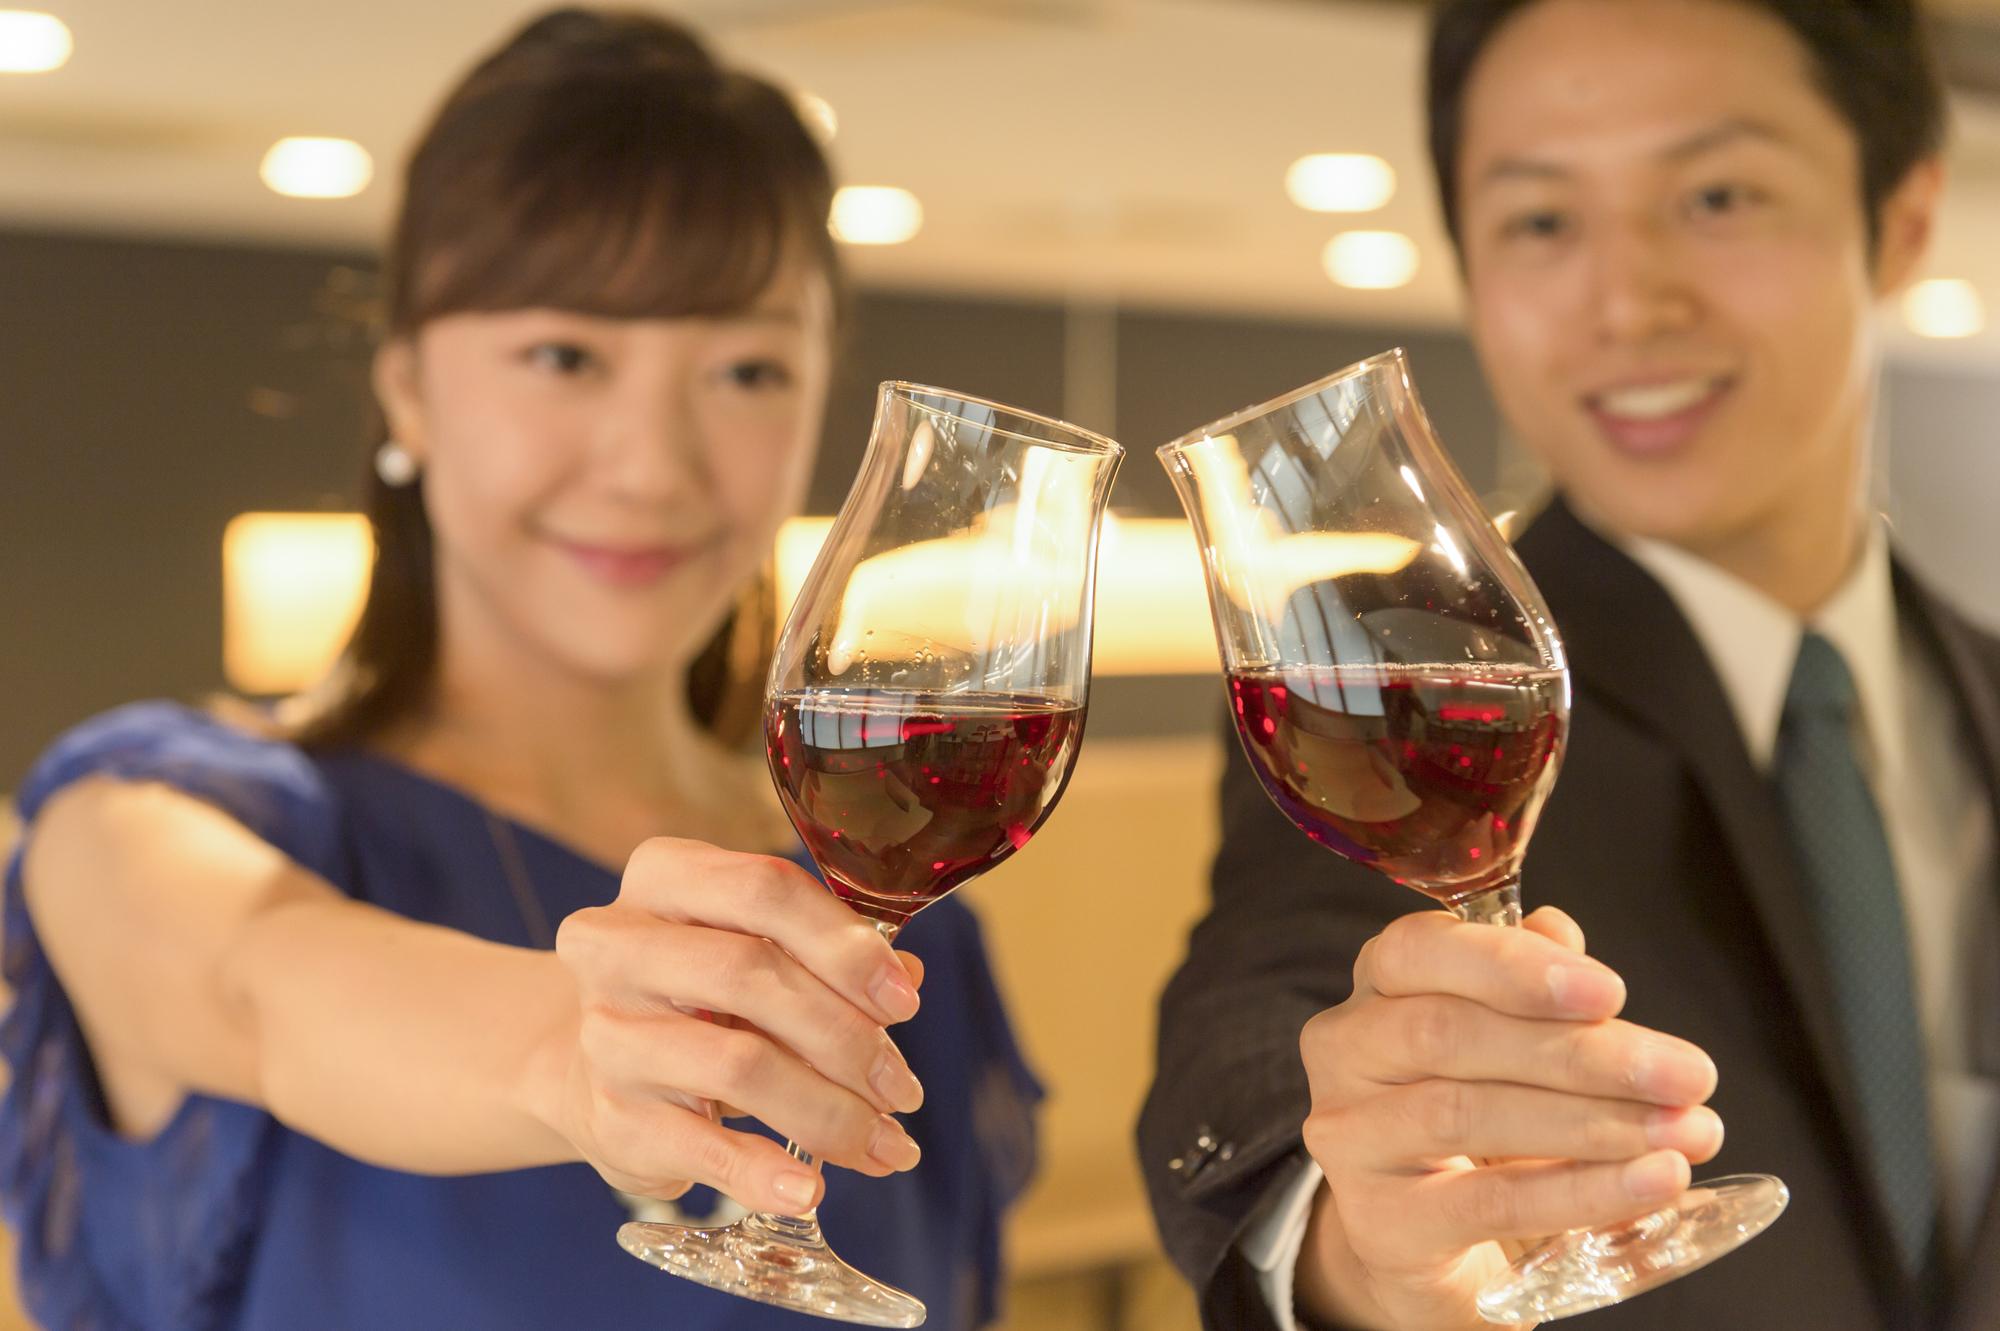 男女がワインで乾杯している風景